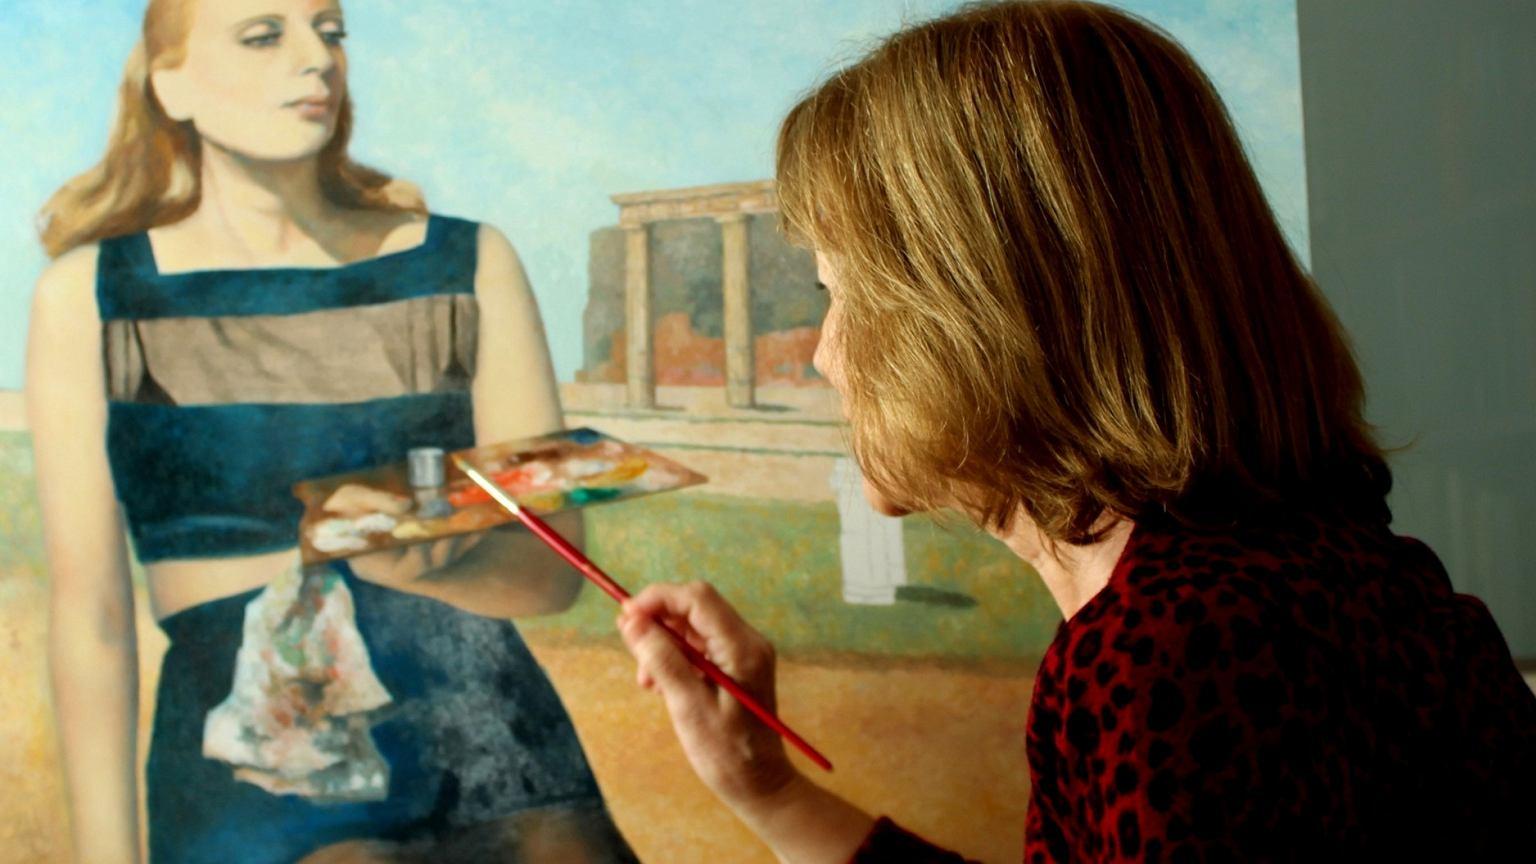 Tamarę Łempicką maluje Consuelo Hernández